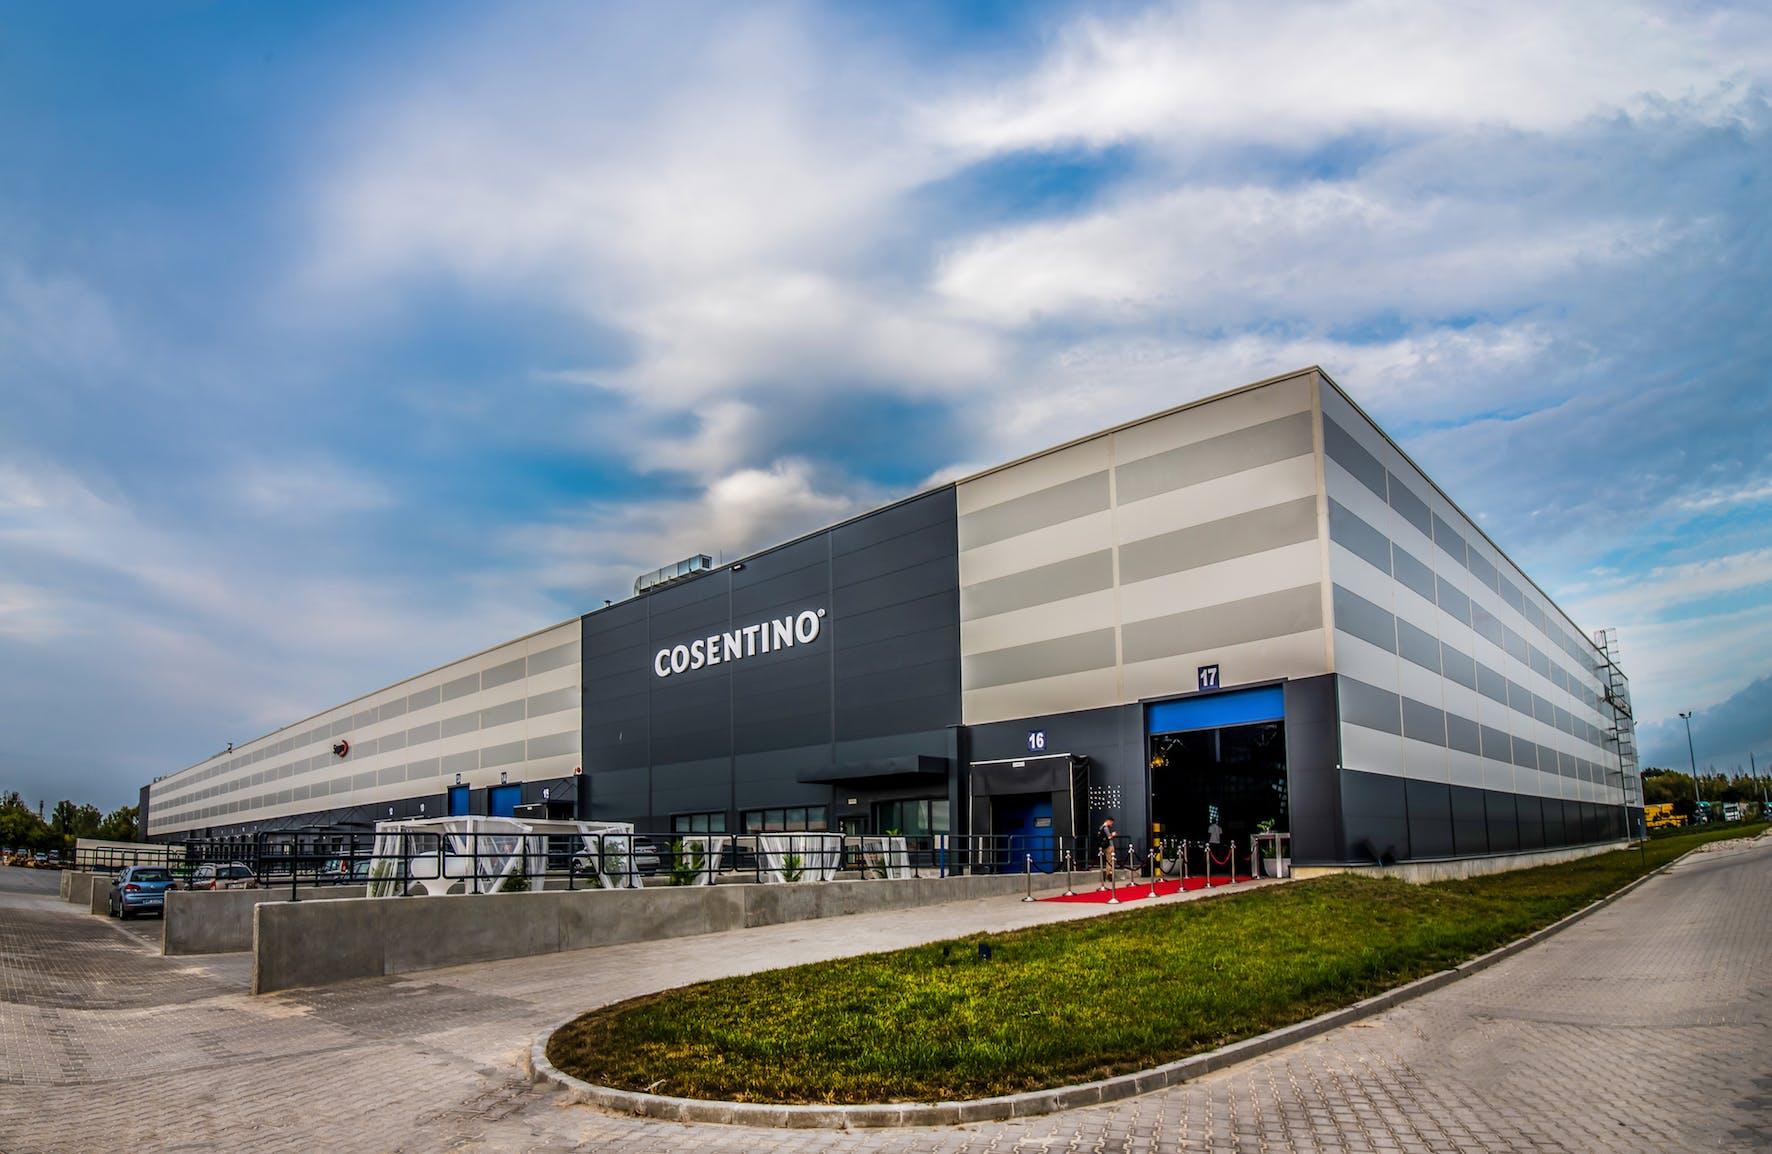 Image of Cosentino Center Polonia 2018 1 in Cosentino Group reaches Euro 984.5 million turnover in 2018 - Cosentino